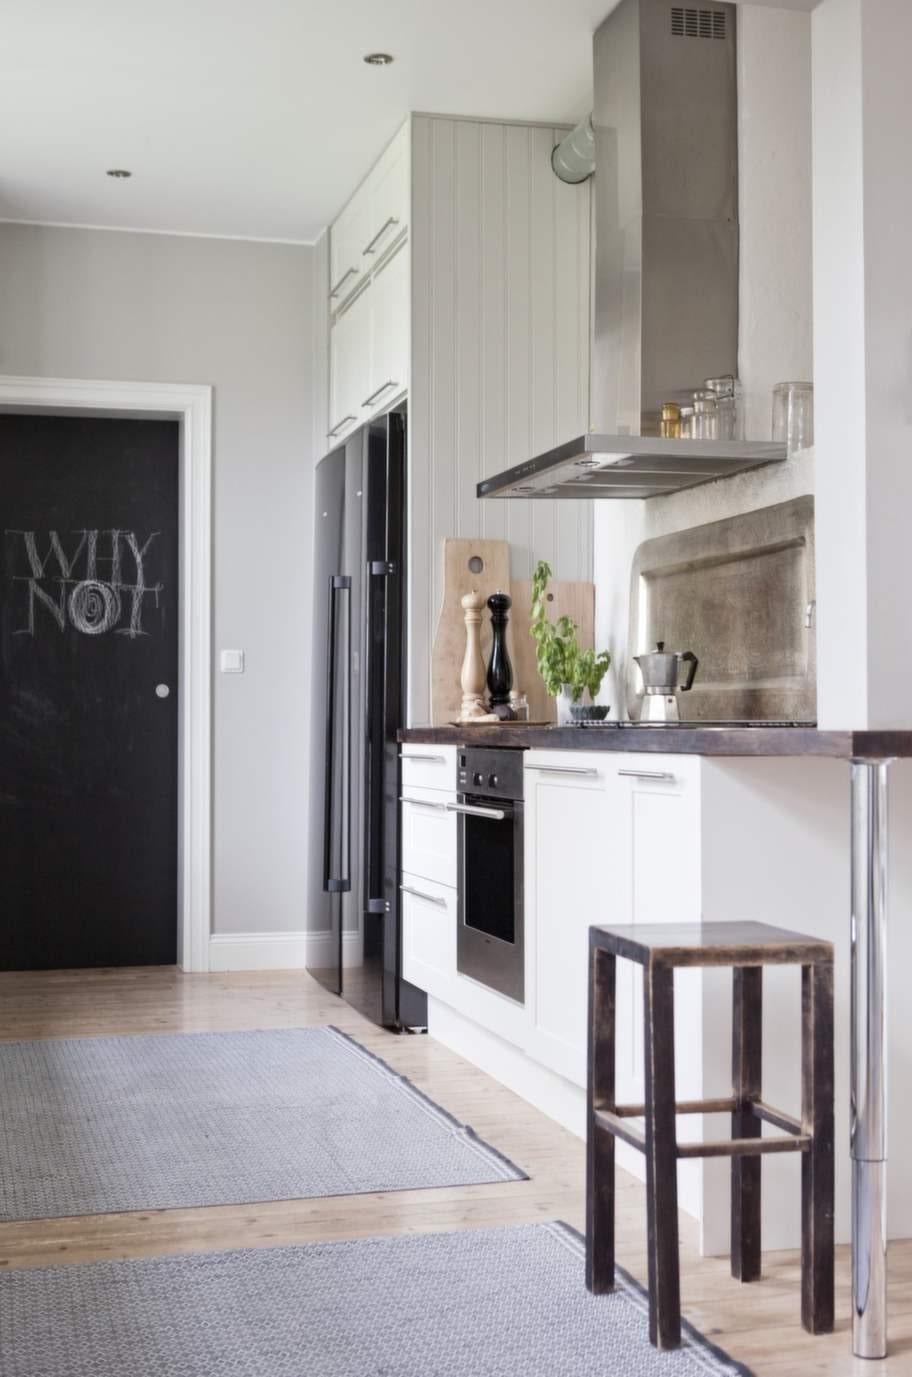 En spännande lösning - i köket använder familjen en stor bricka som stänkskydd i stället för kakel.